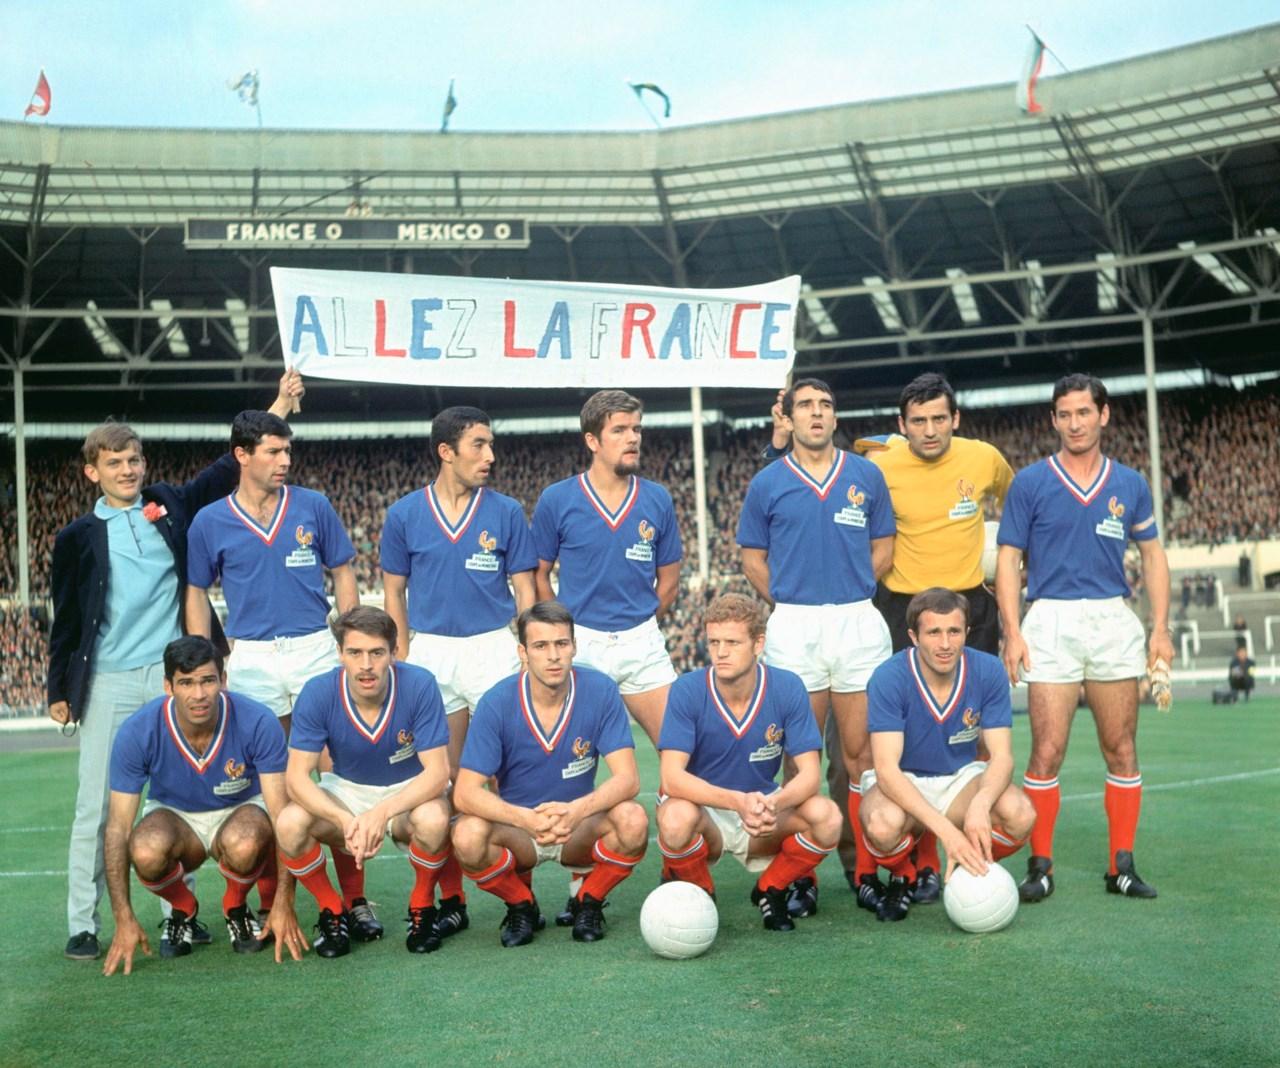 wchd-1966-france-messico-team